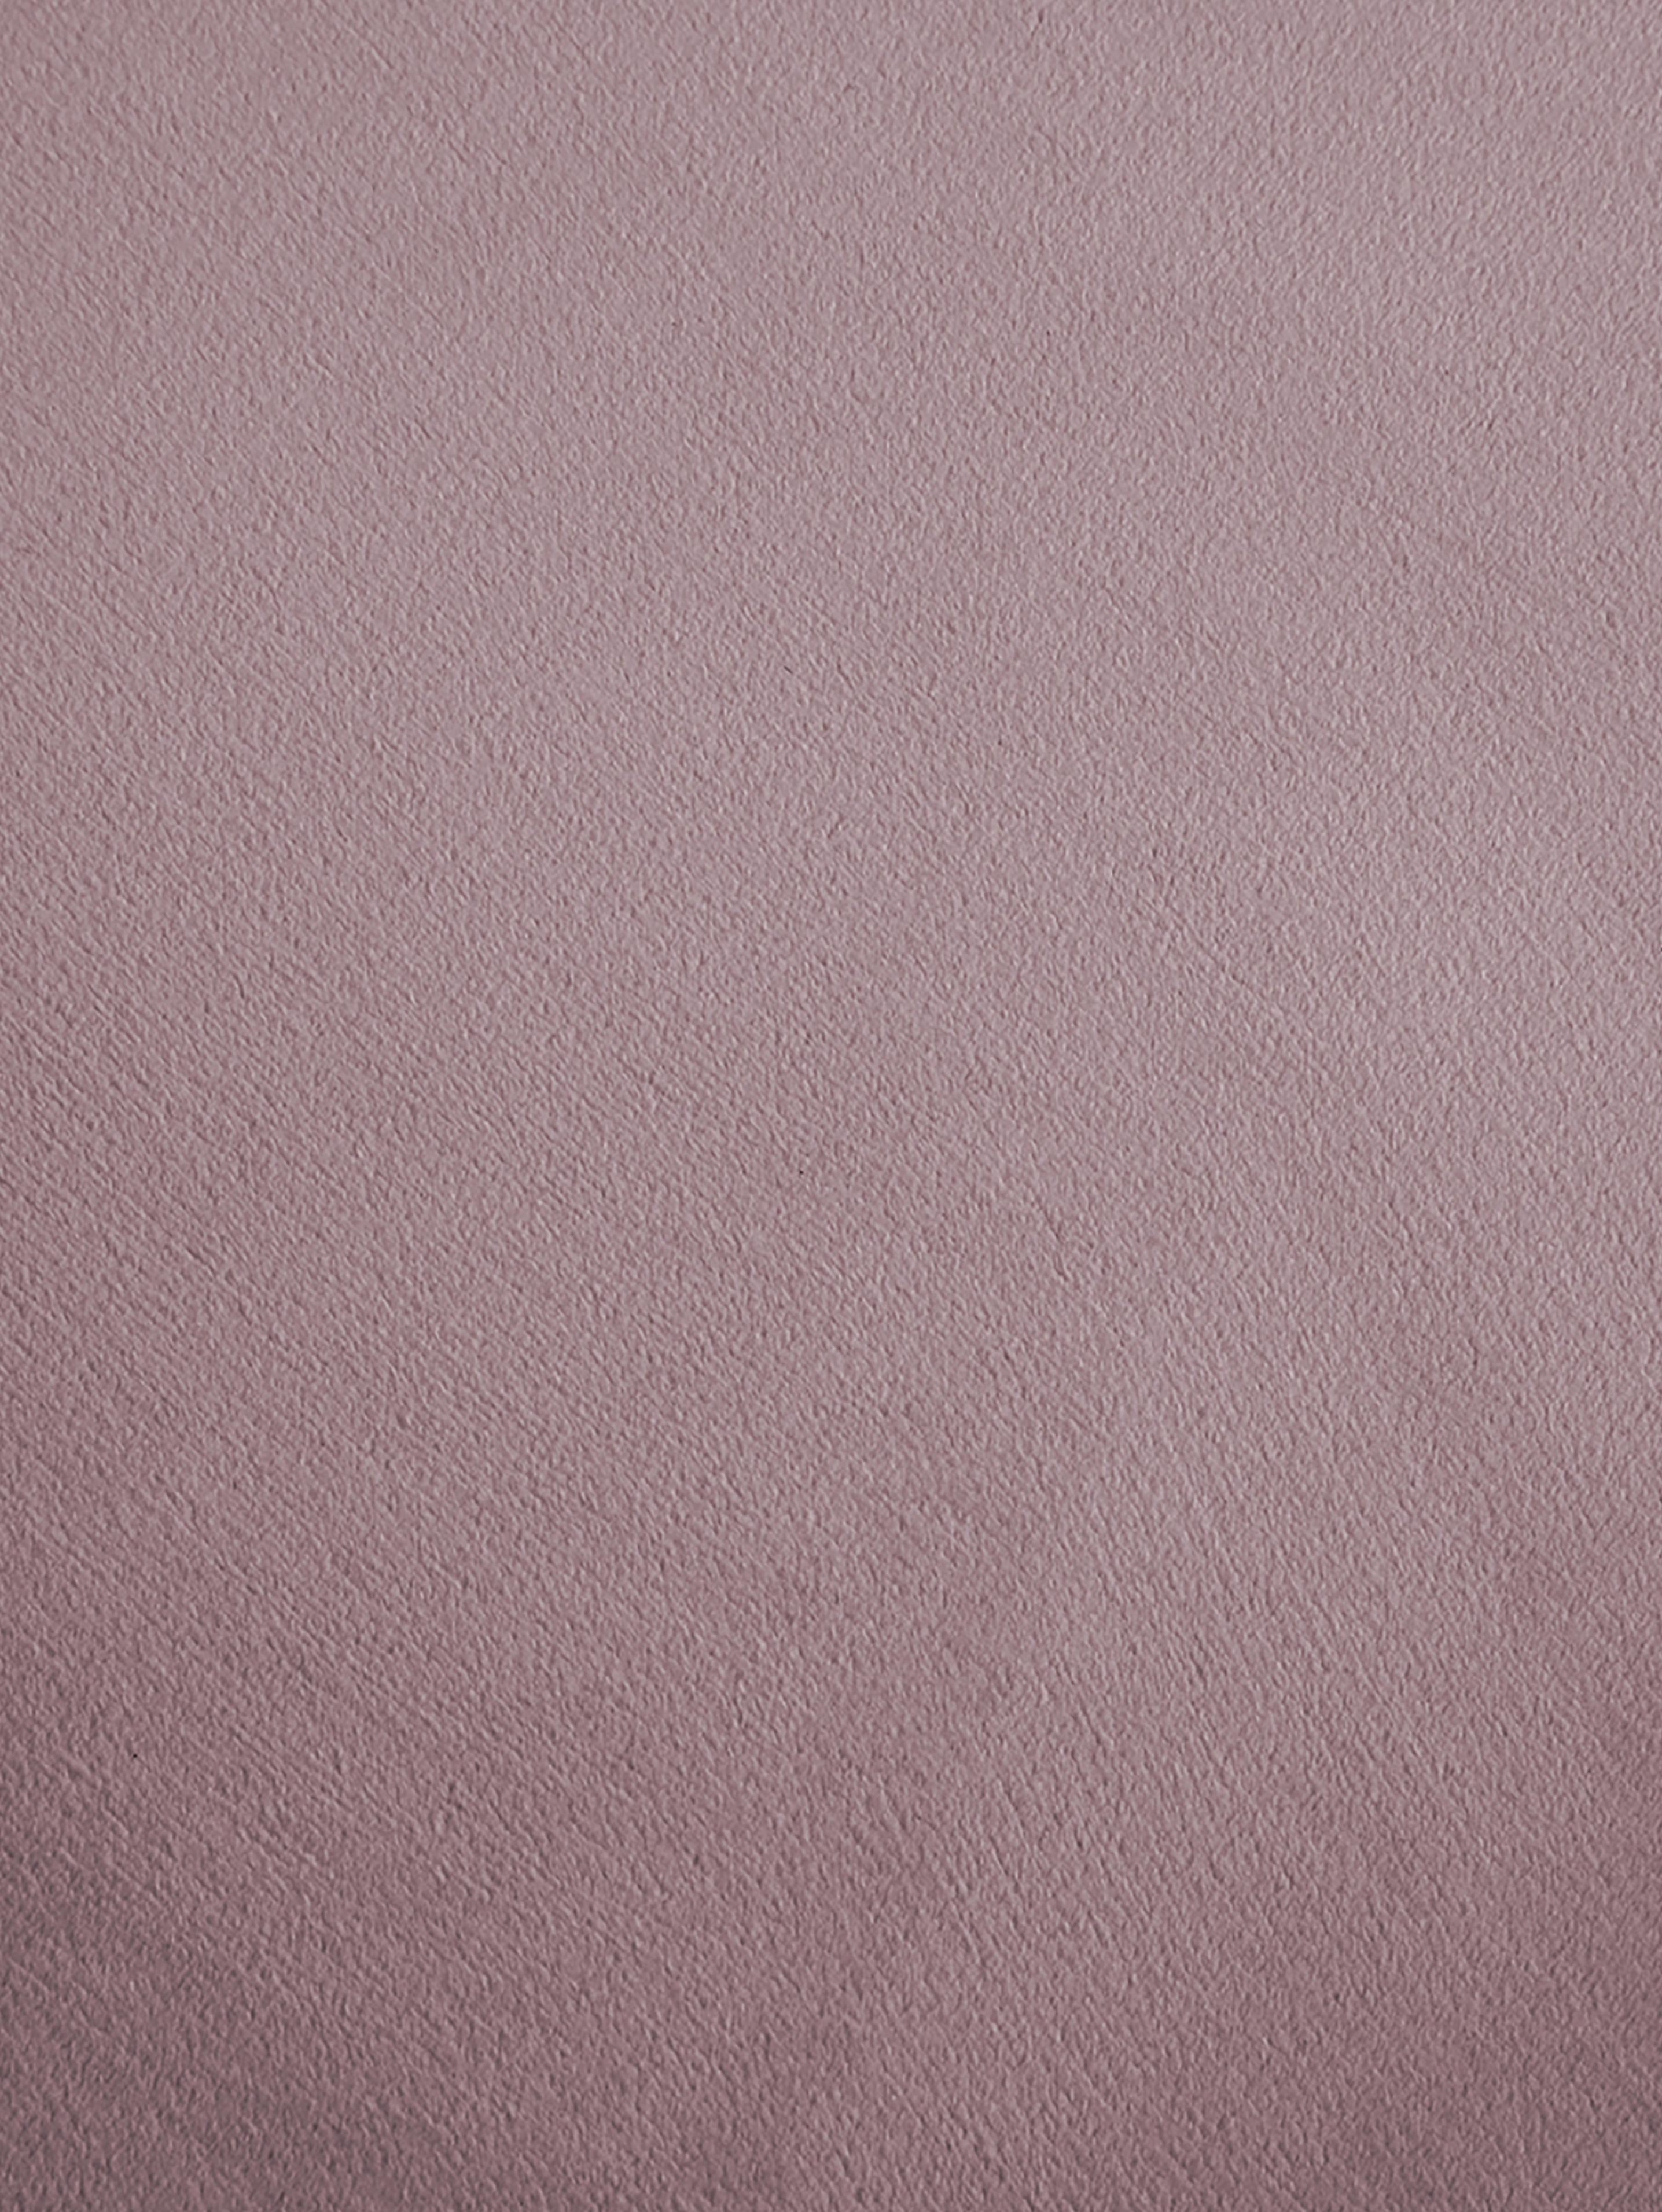 Poltrona in velluto Louise, Rivestimento: velluto (poliestere) 30.0, Piedini: metallo rivestito, Velluto malva, Larg. 76 x Prof. 75 cm